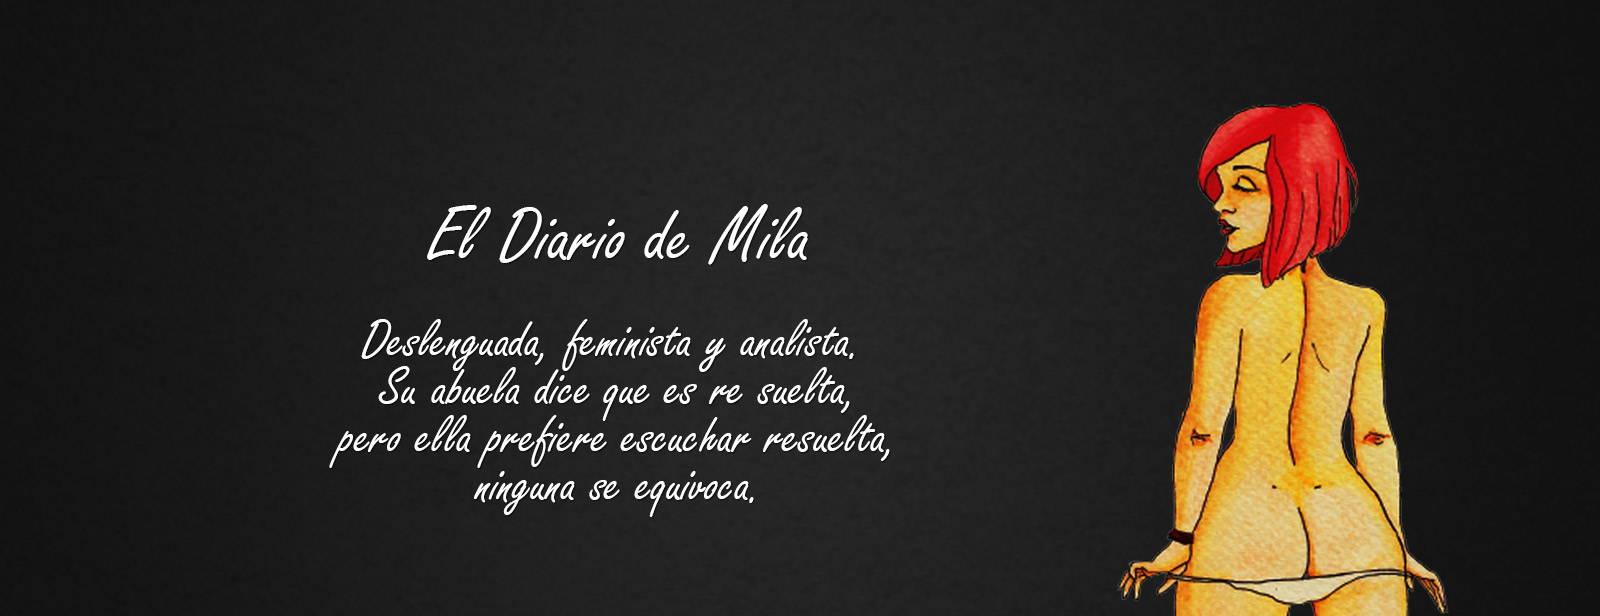 El Diario de Mila